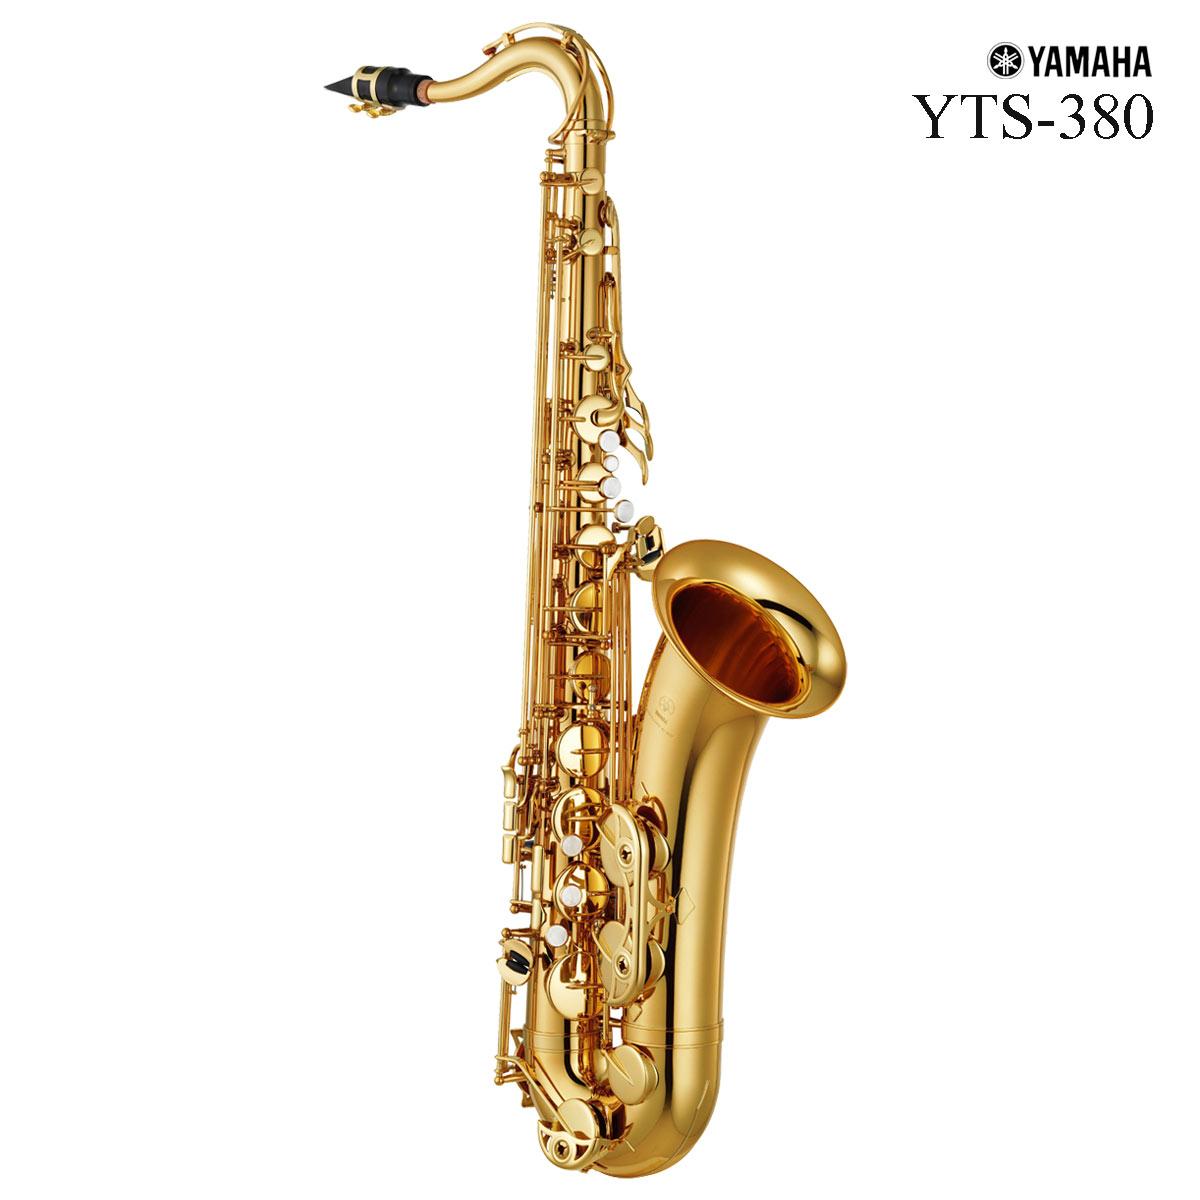 【在庫あり】YAMAHA / YTS-380 テナーサックス《倉庫保管新品をお届け※出荷前調整》【特典SET:79458】【5年保証】